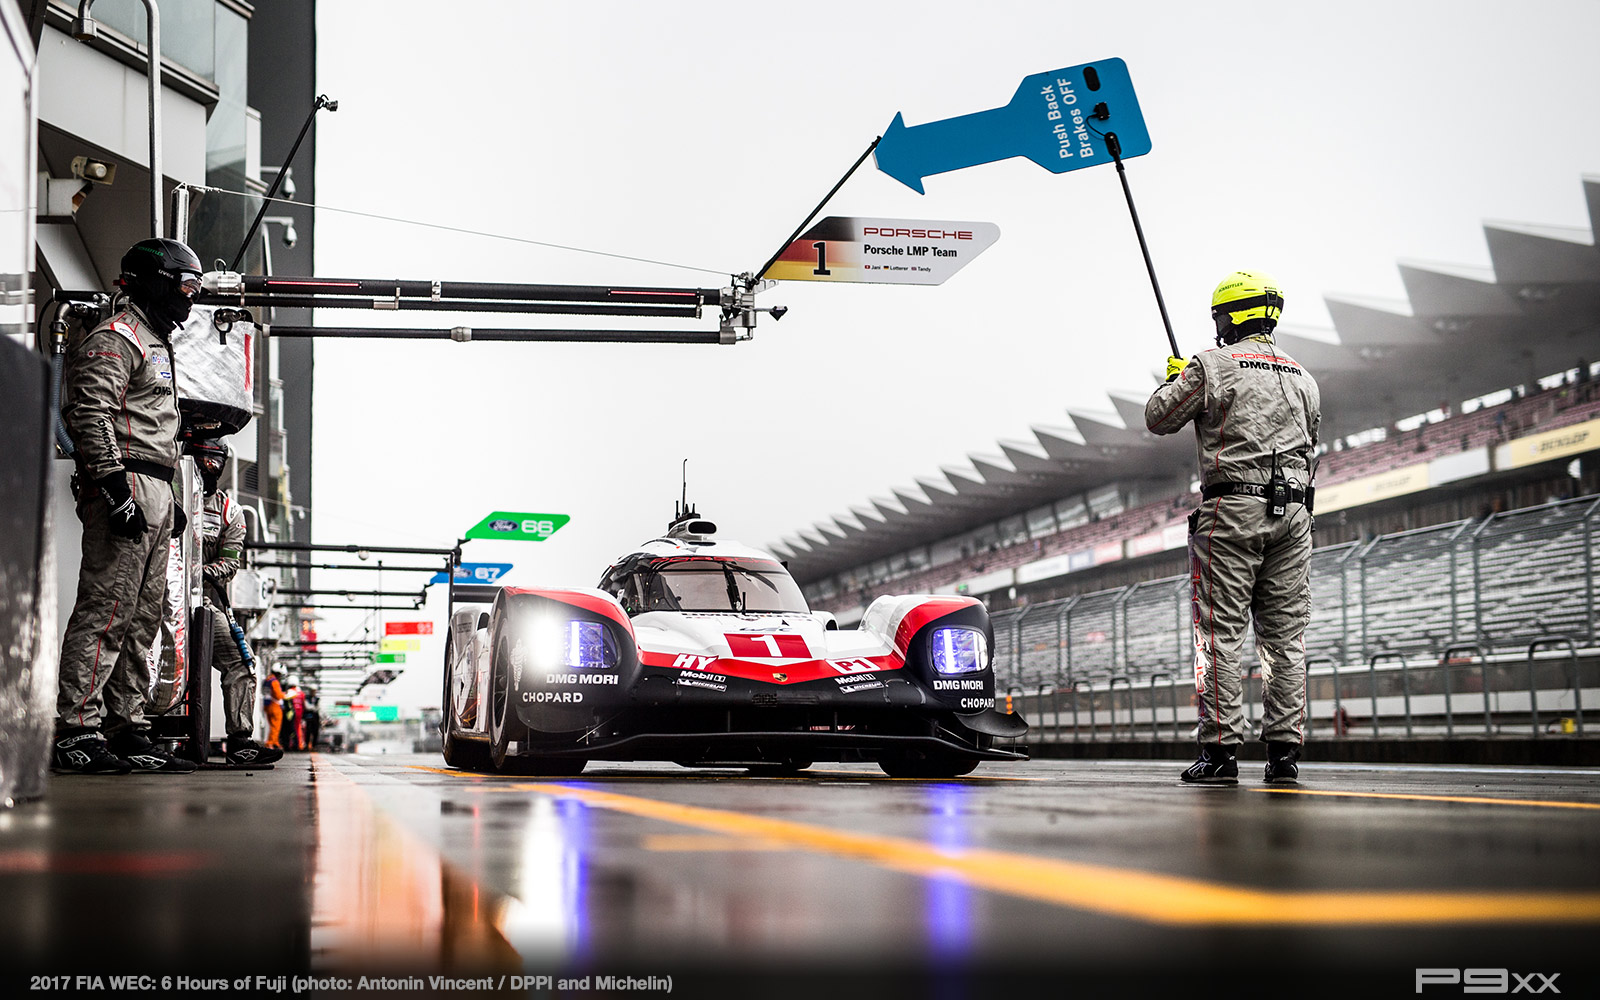 2017-FIA-WEC-6h-of-Fuji-Porsche-Fuji_02117011_0359298